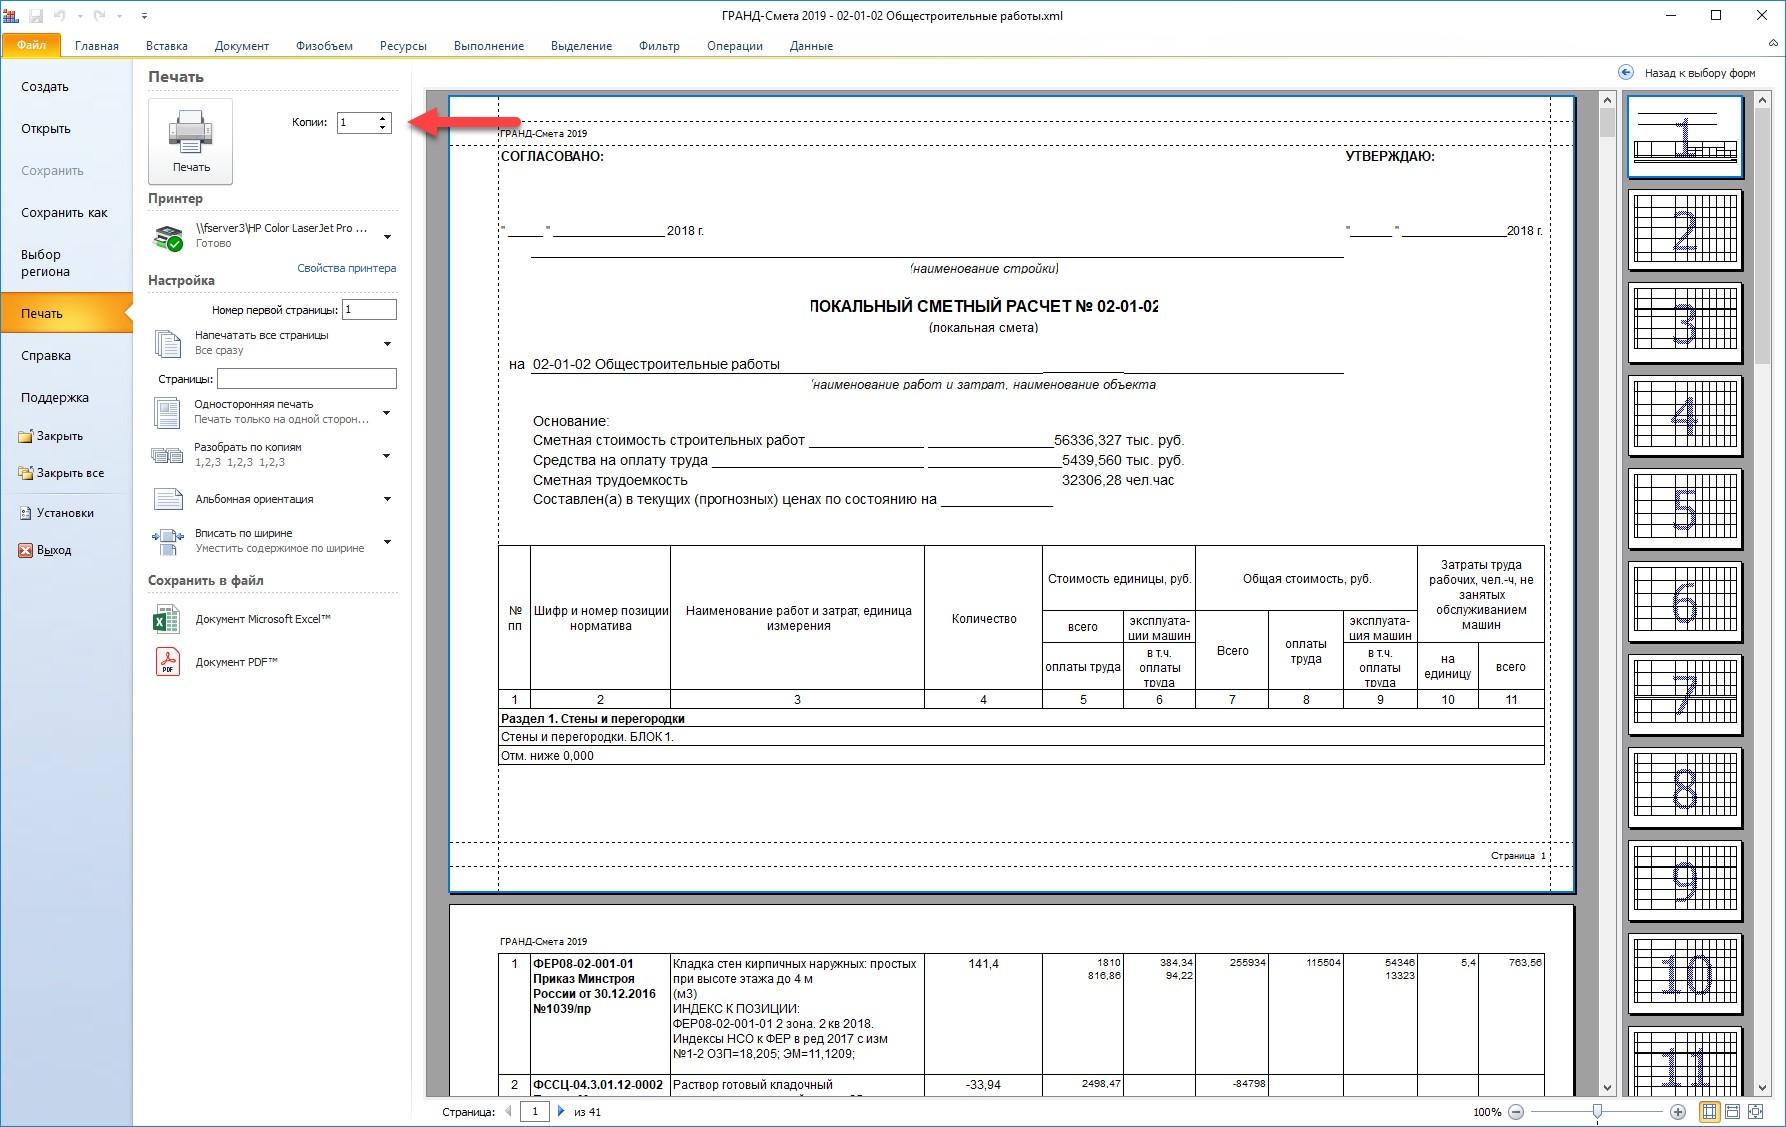 Указать количество распечатанных копий документа